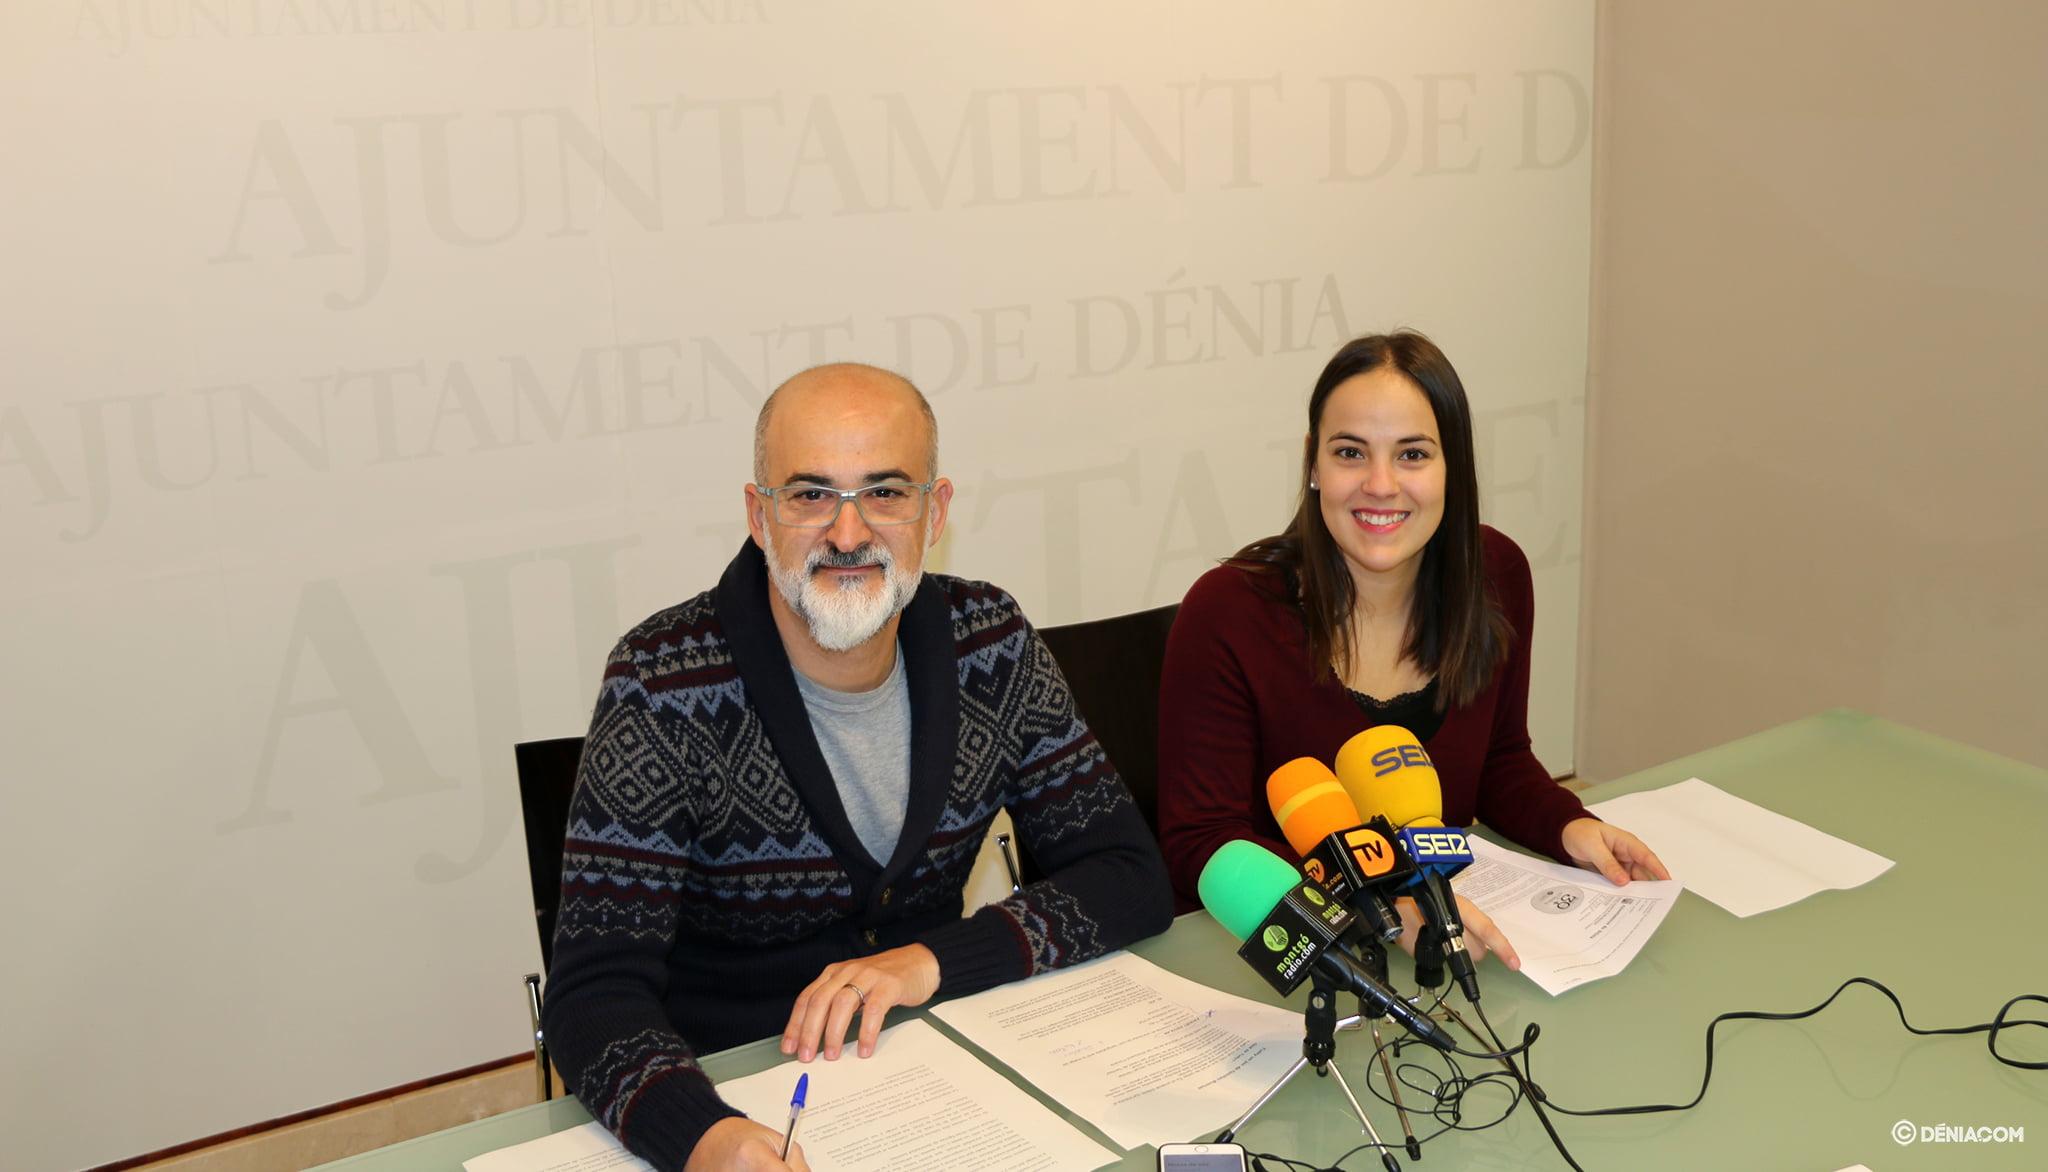 Javier Scotto et Melani Ivars lors de la conférence de presse